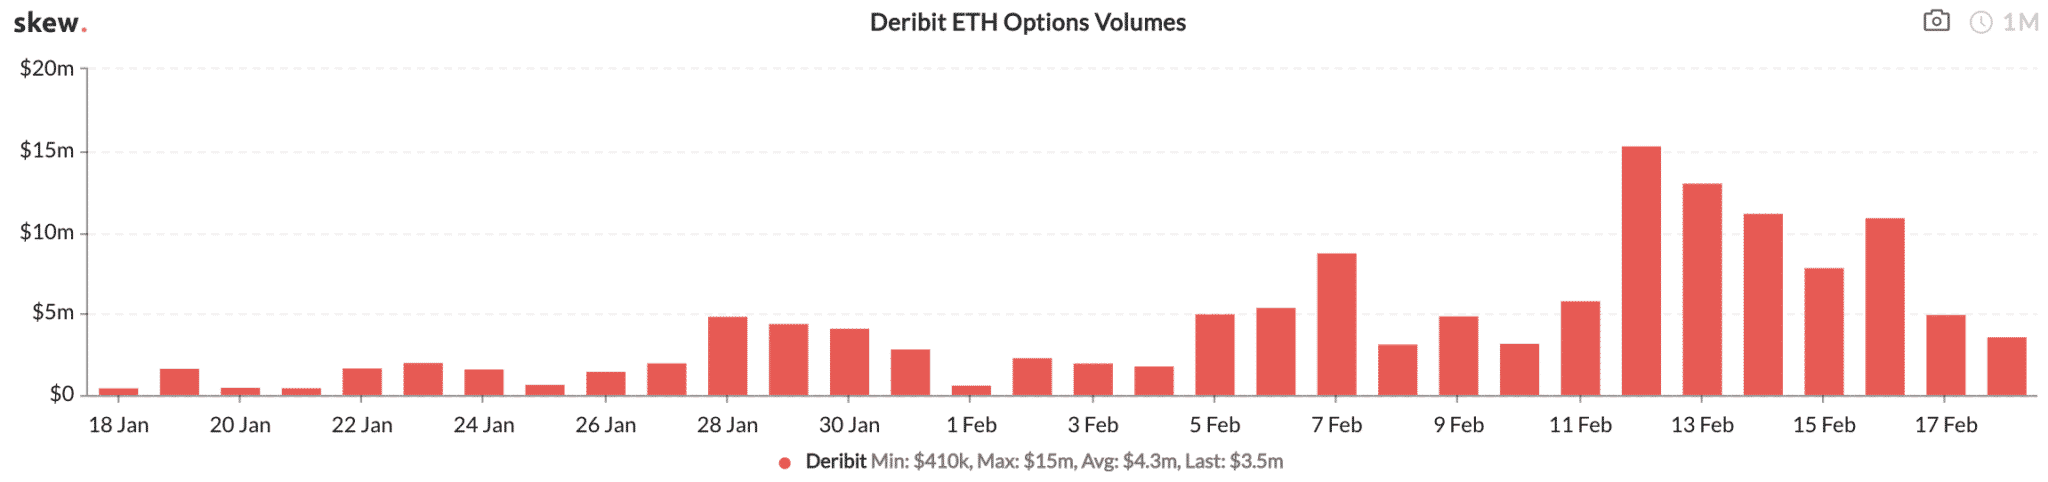 Ethereum options, Feb 2020